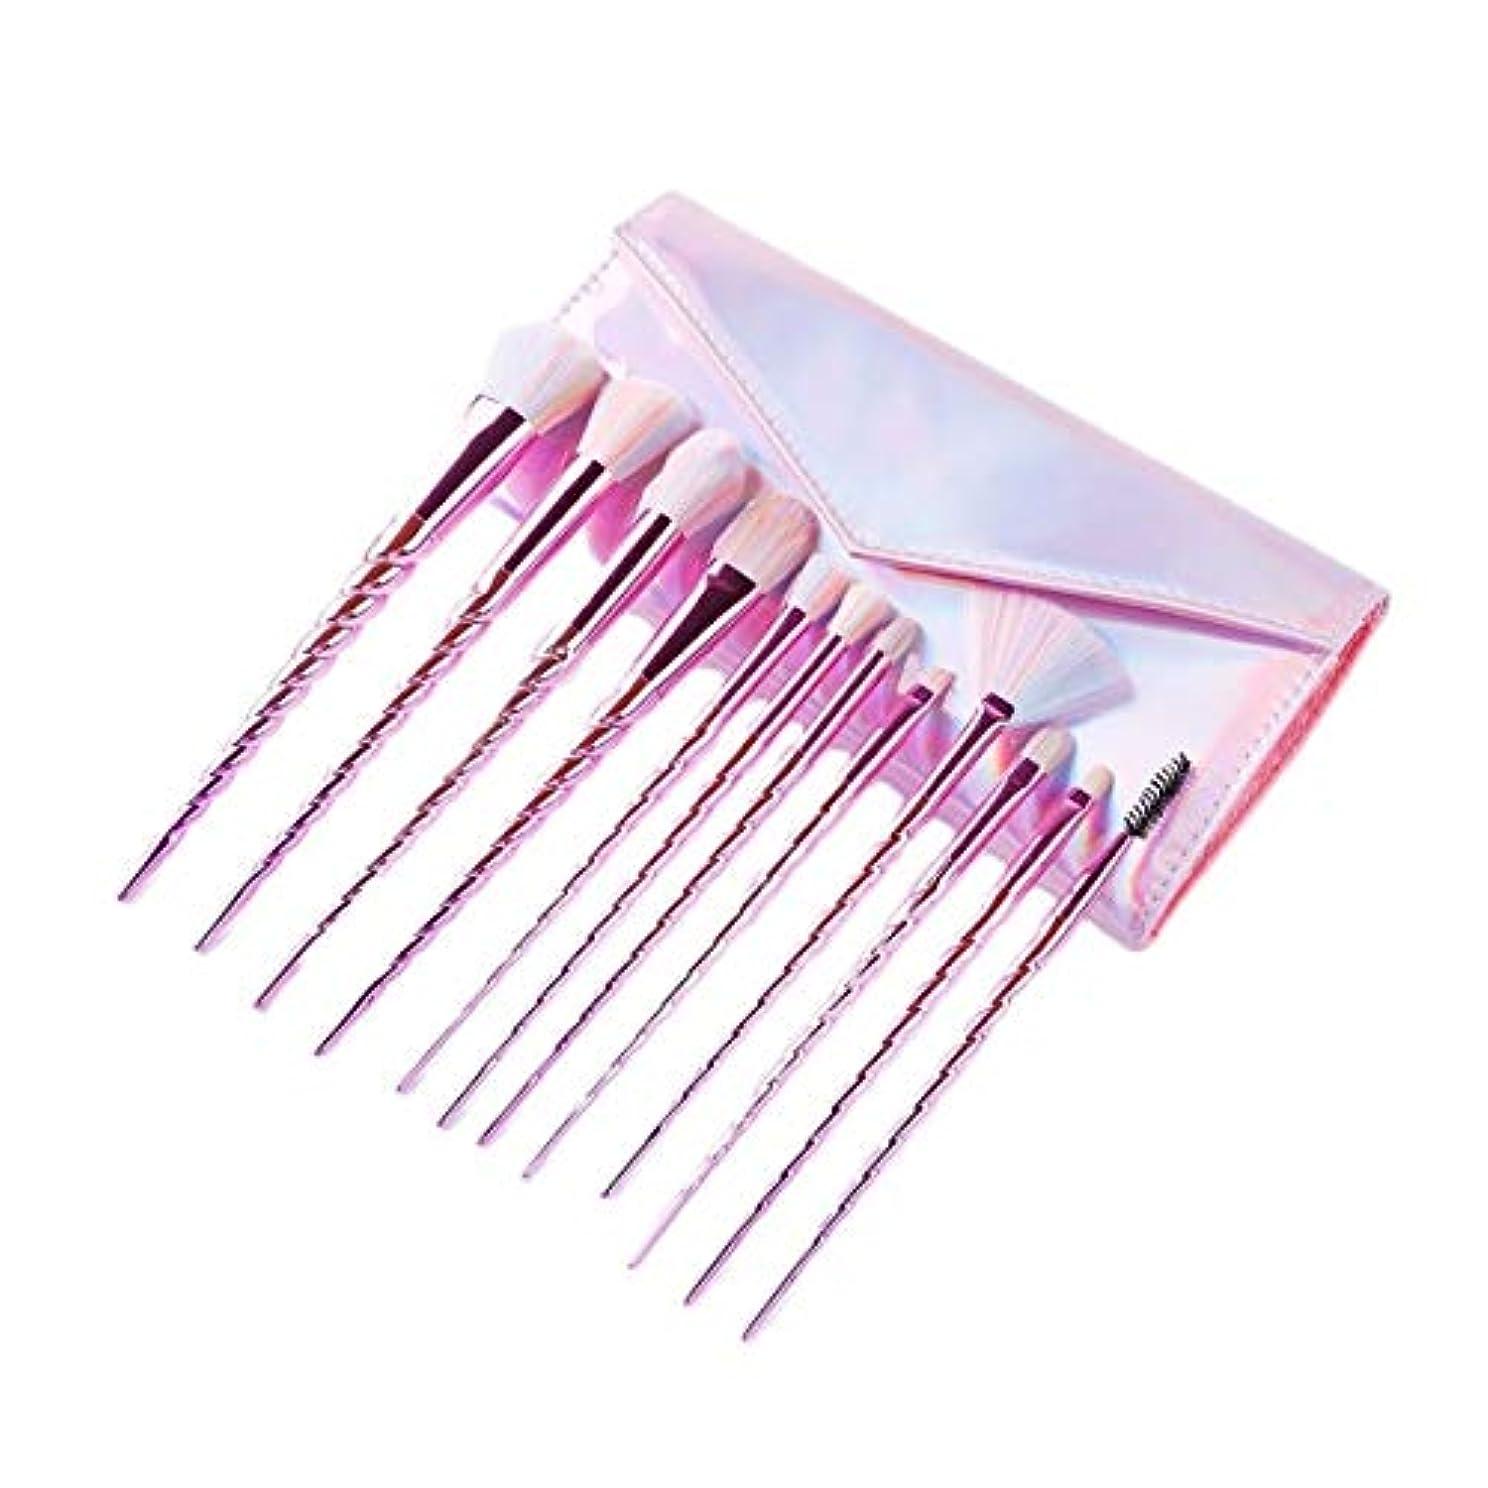 牛肉アーティファクト韓国語XIAOCHAOSD メイクブラシセット初心者のアイシャドウブラシ美容ブラシツール女性、持ち運びのメイクブラシフルセット (Color : Pink)